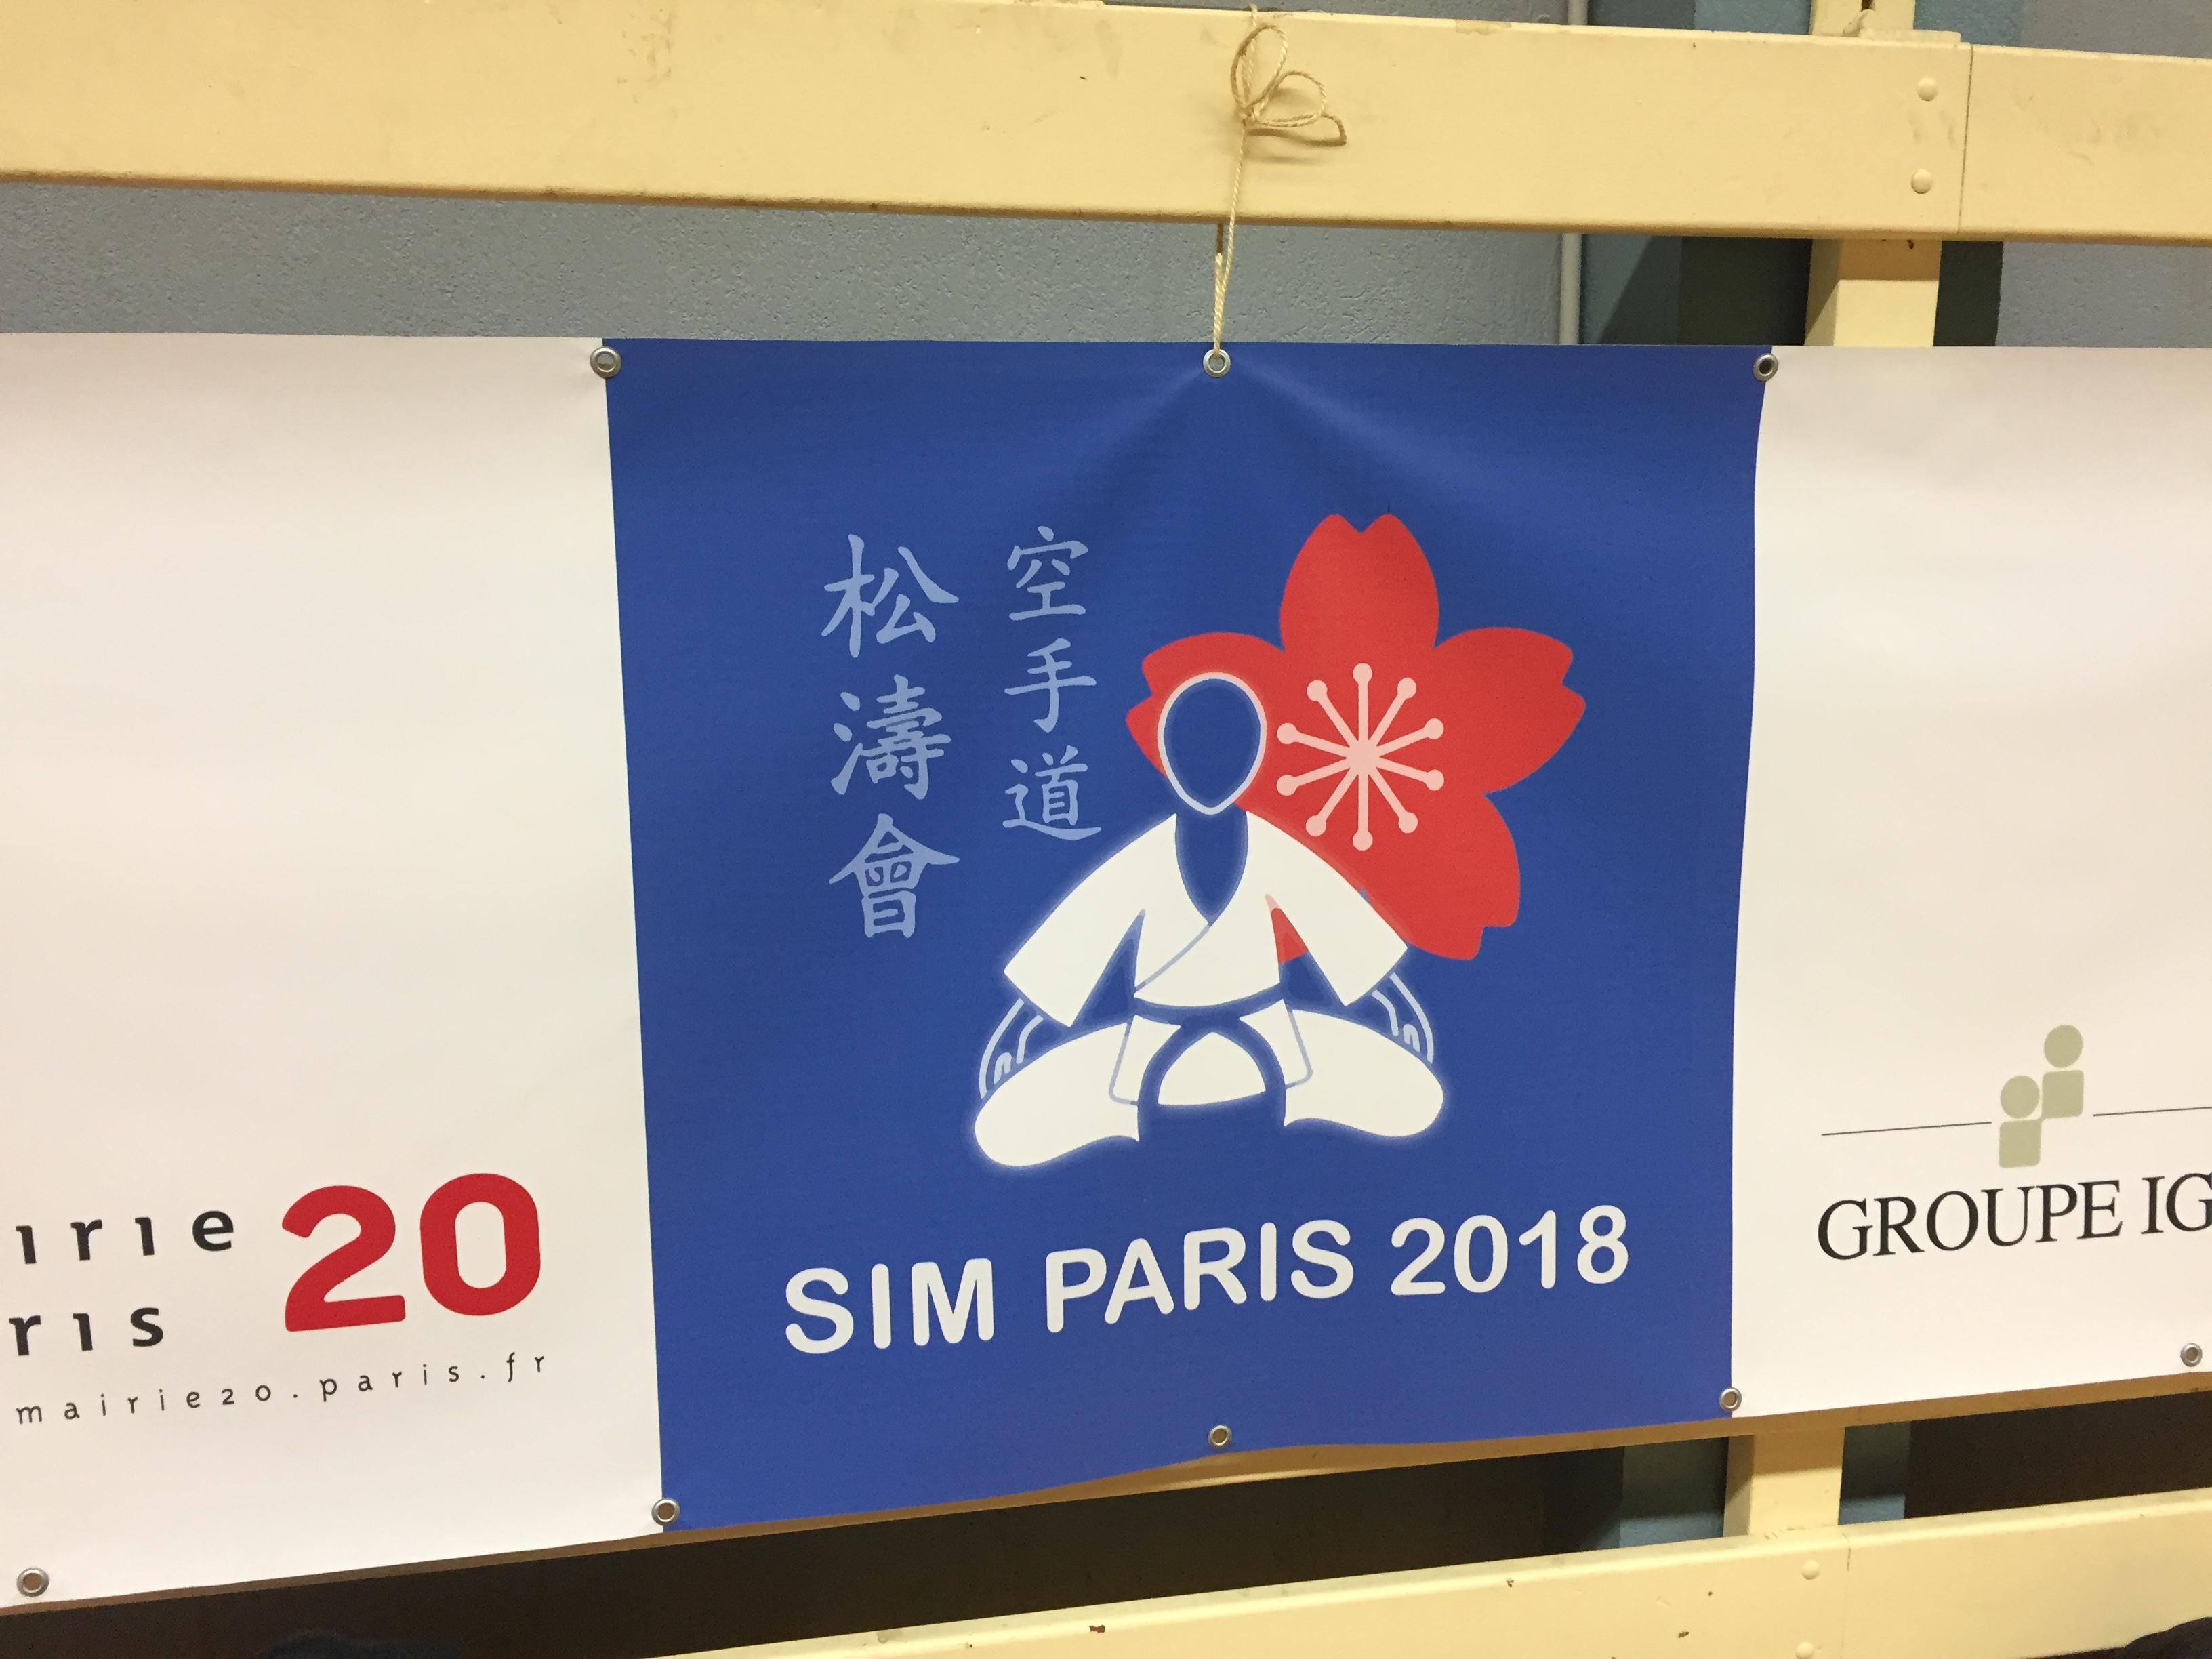 SIM PARIS 2018 (142)